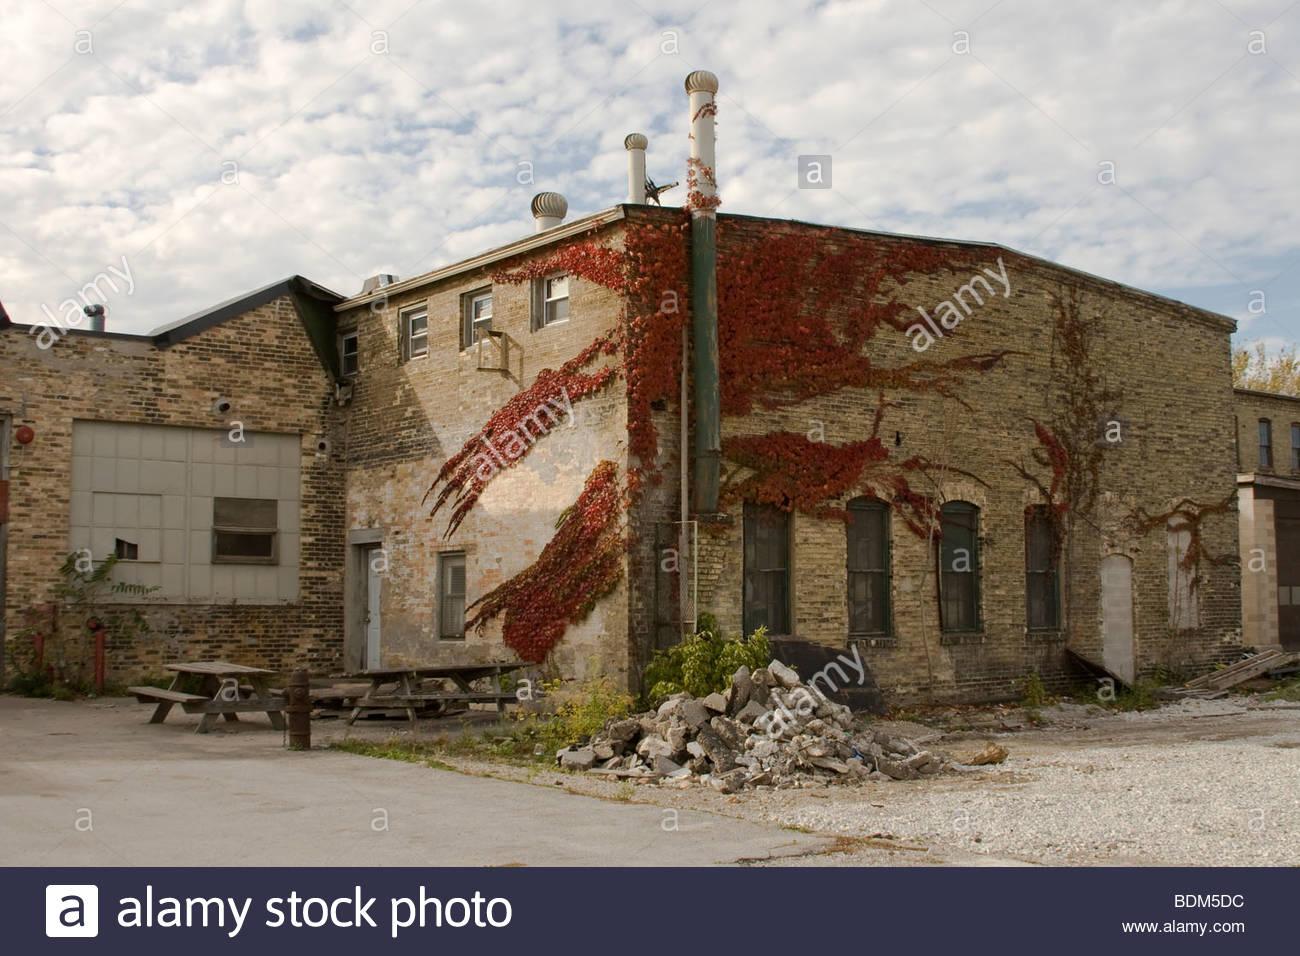 Vieux, de la construction, de l'abandonner, Ivy, cool, la brique, l'automne, l'automne, Photo Stock